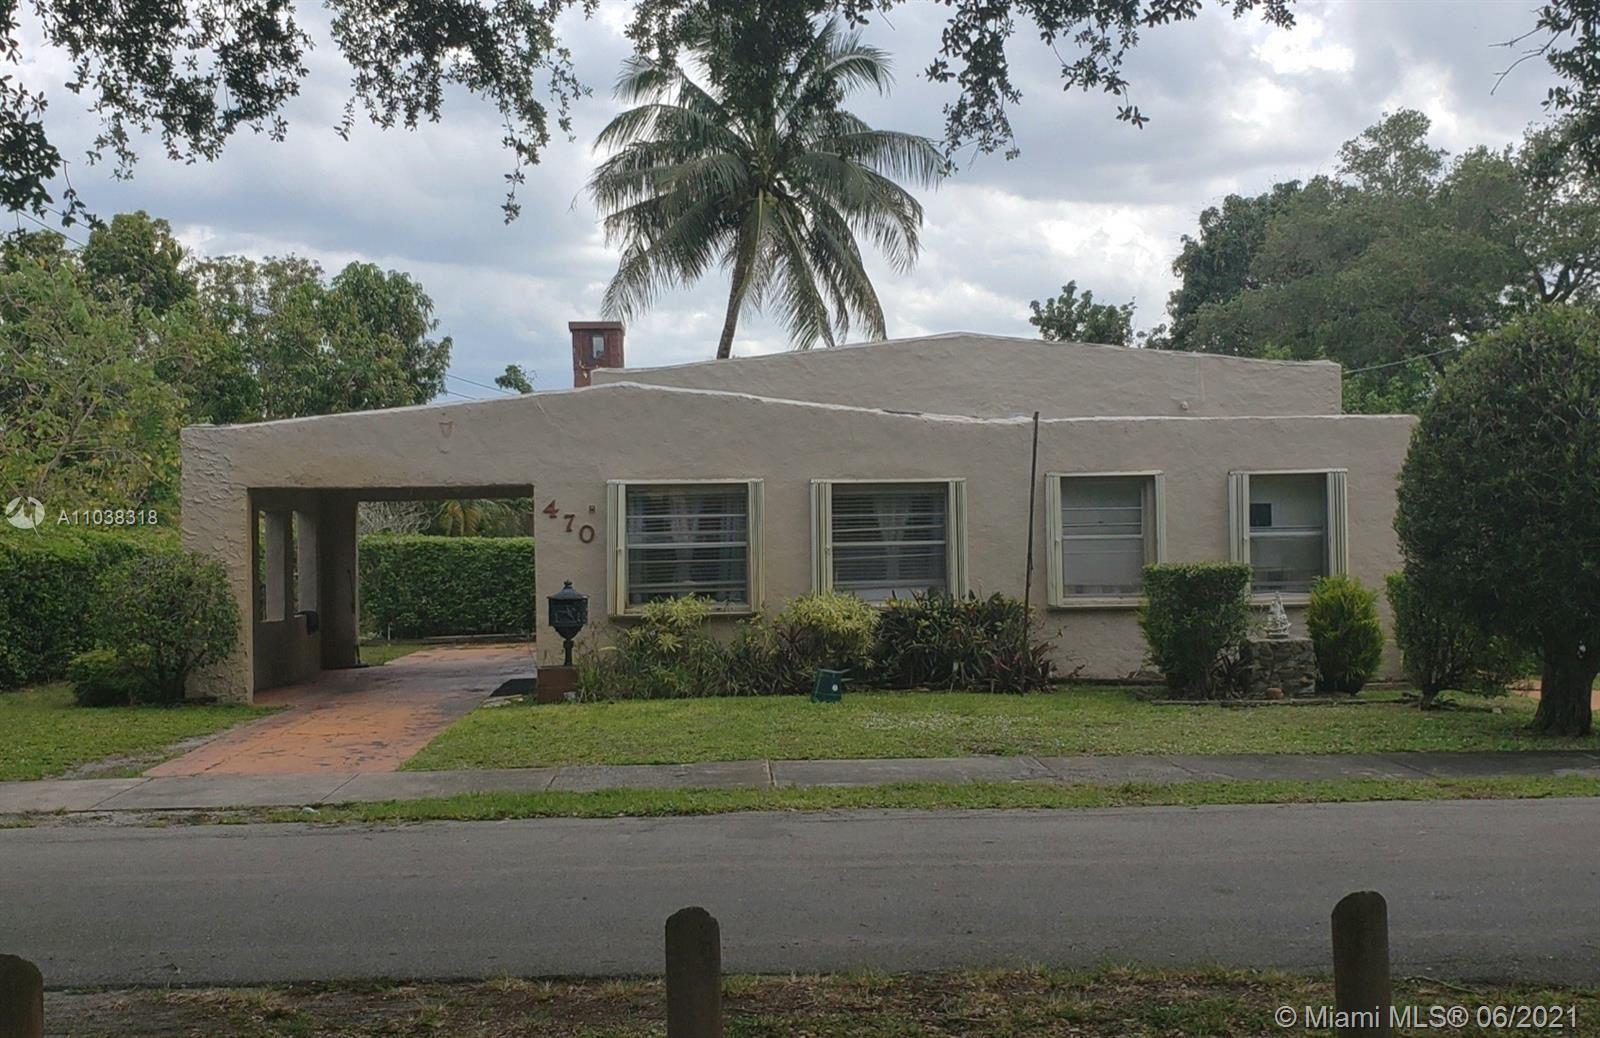 470 NE 130th St, North Miami, FL 33161 - #: A11038318